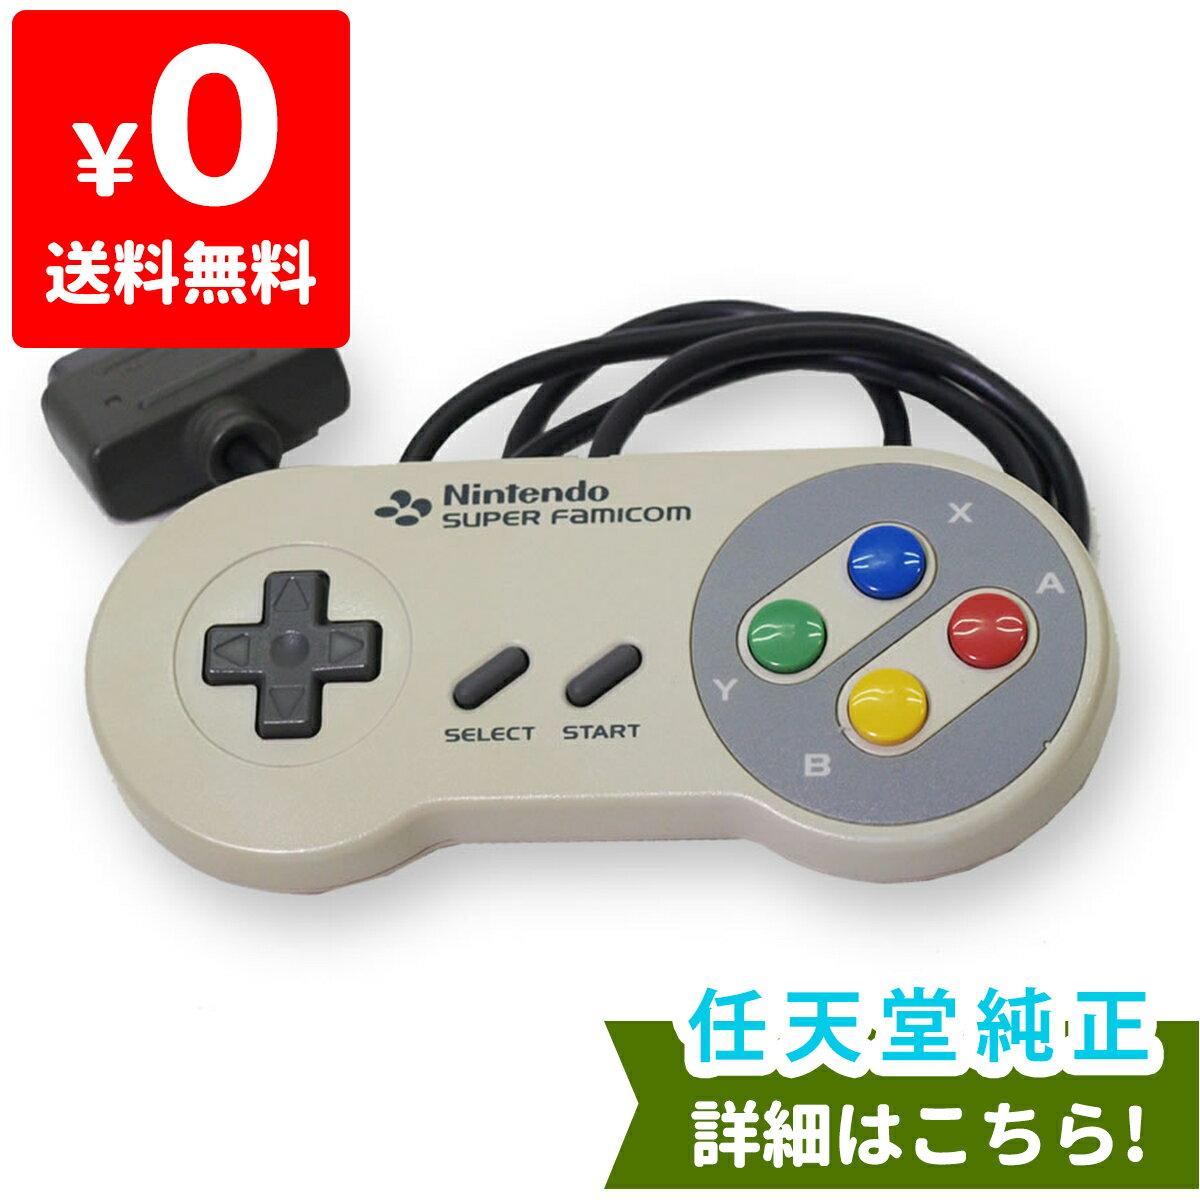 スーパーファミコン スーファミ SFC コントローラー 純正 ニンテンドー 任天堂 Nintendo 中古 4902370501315 送料無料